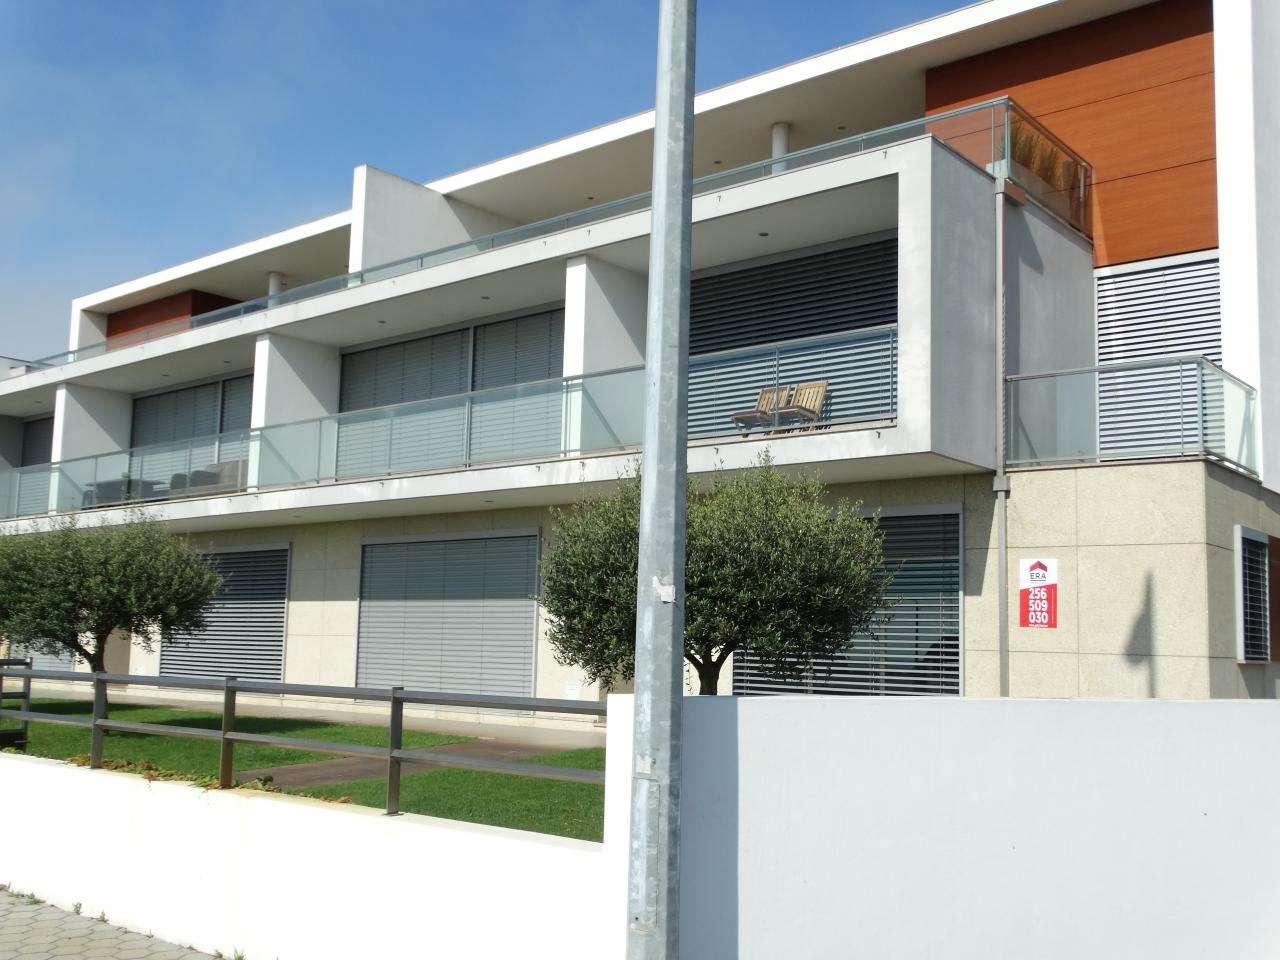 Apartamento para comprar, Torreira, Aveiro - Foto 1